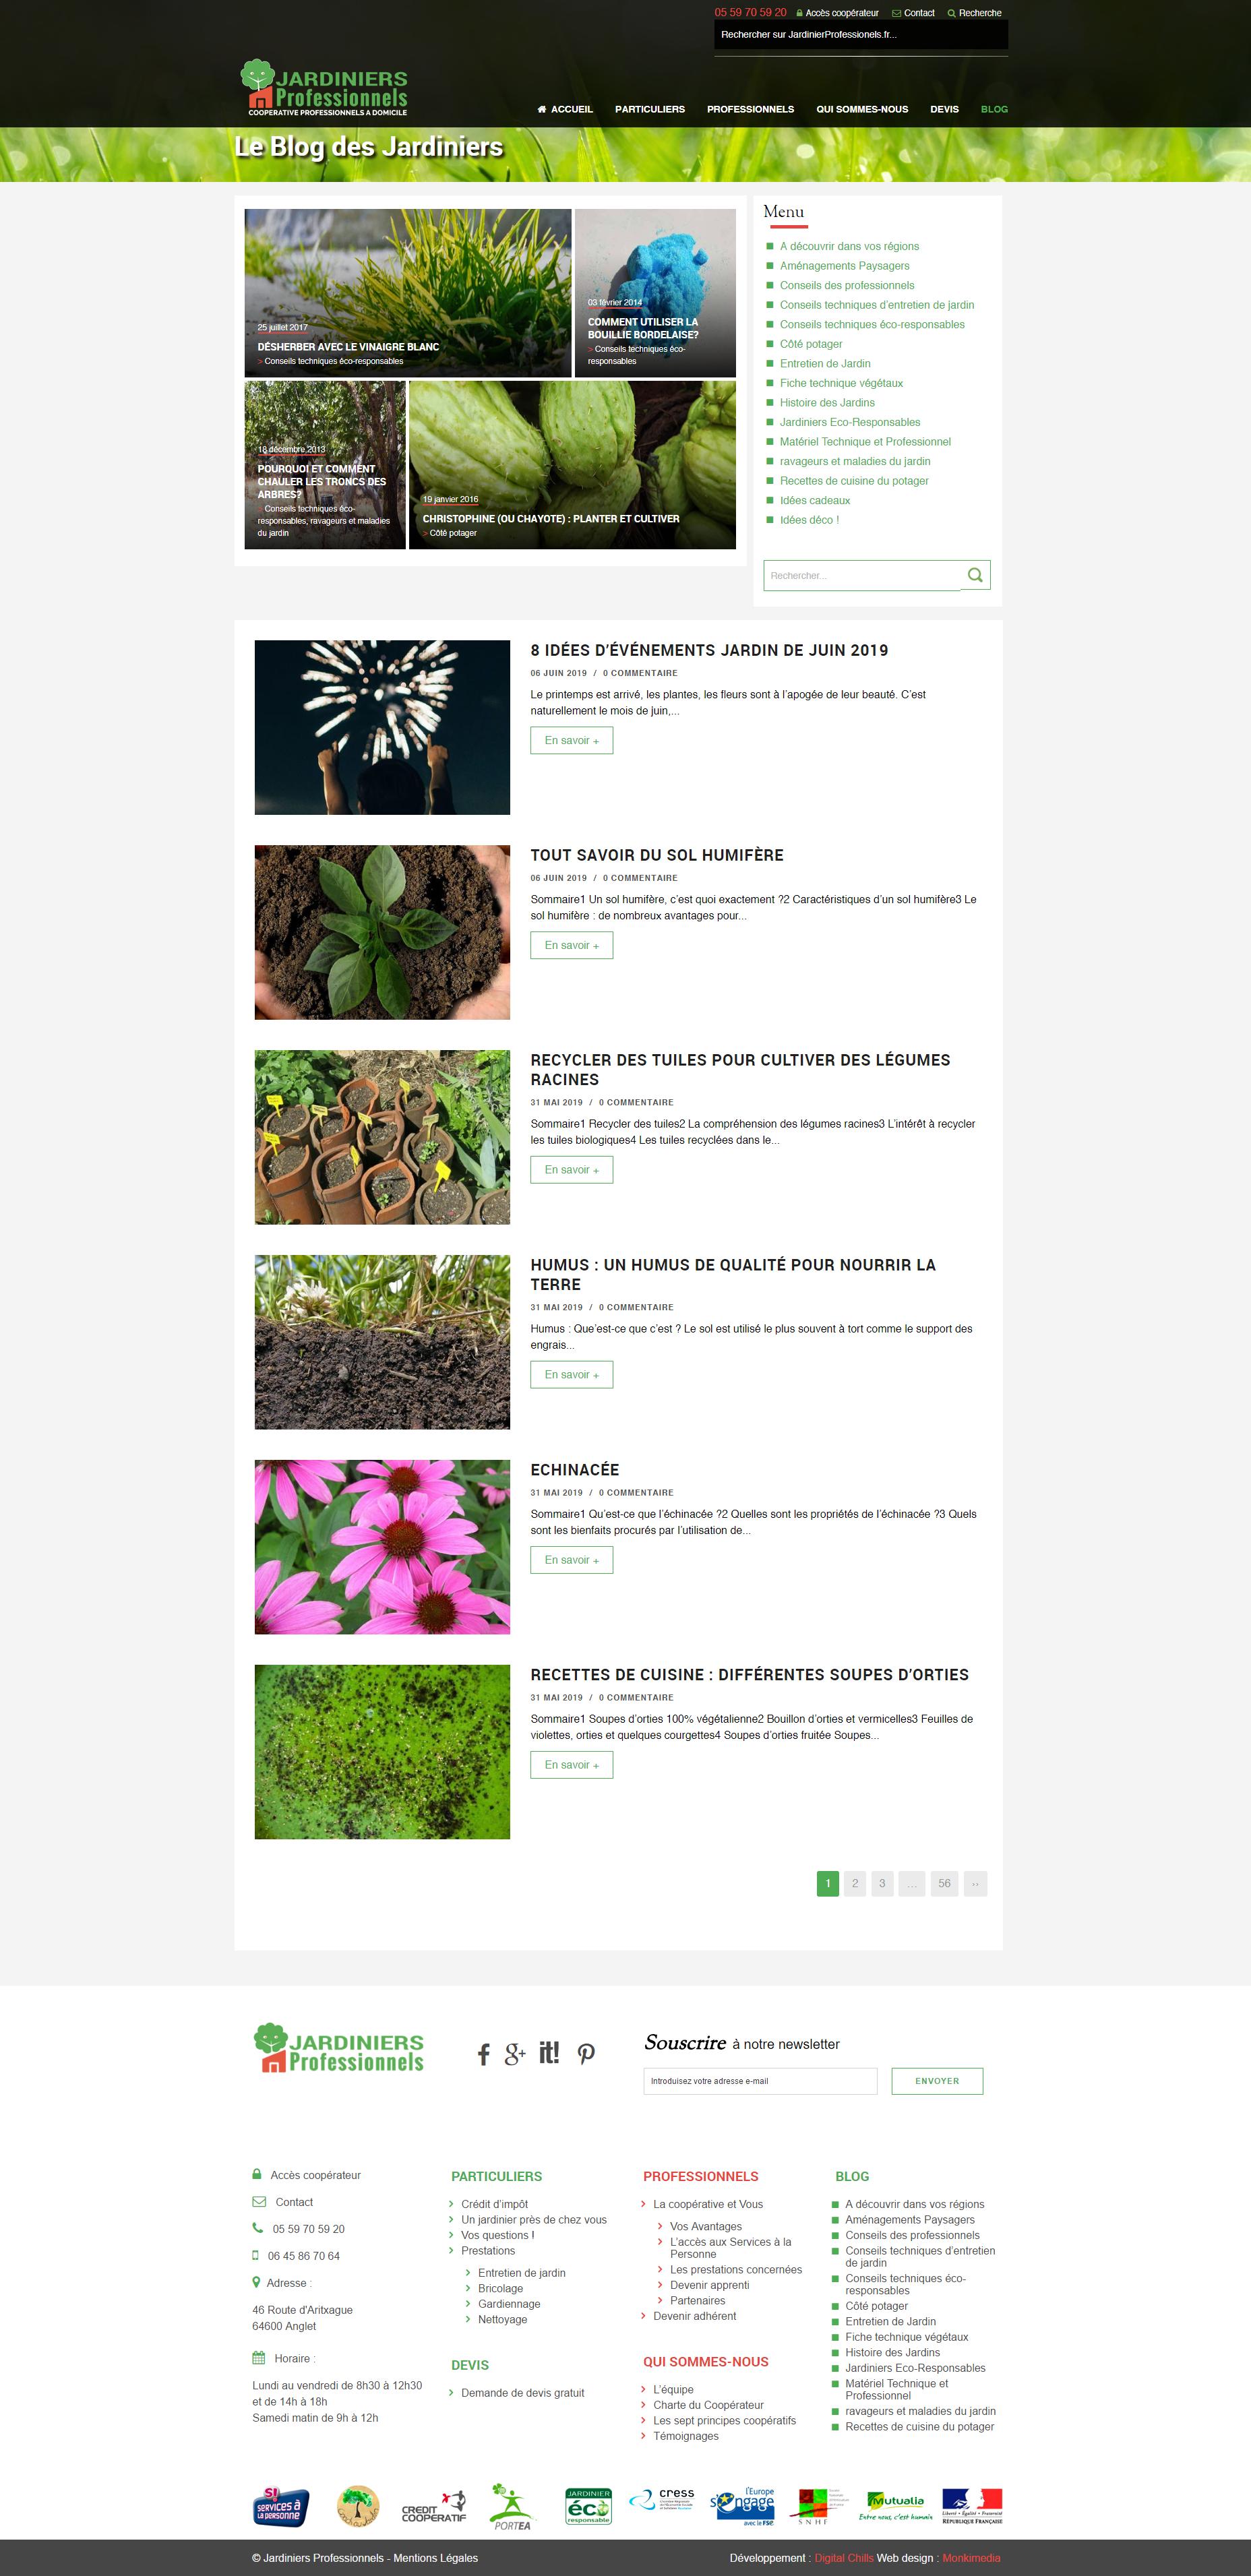 Wesbite Jardiniers Professionnels | DIGITAL CHILLS Diseño & Marketing Digital